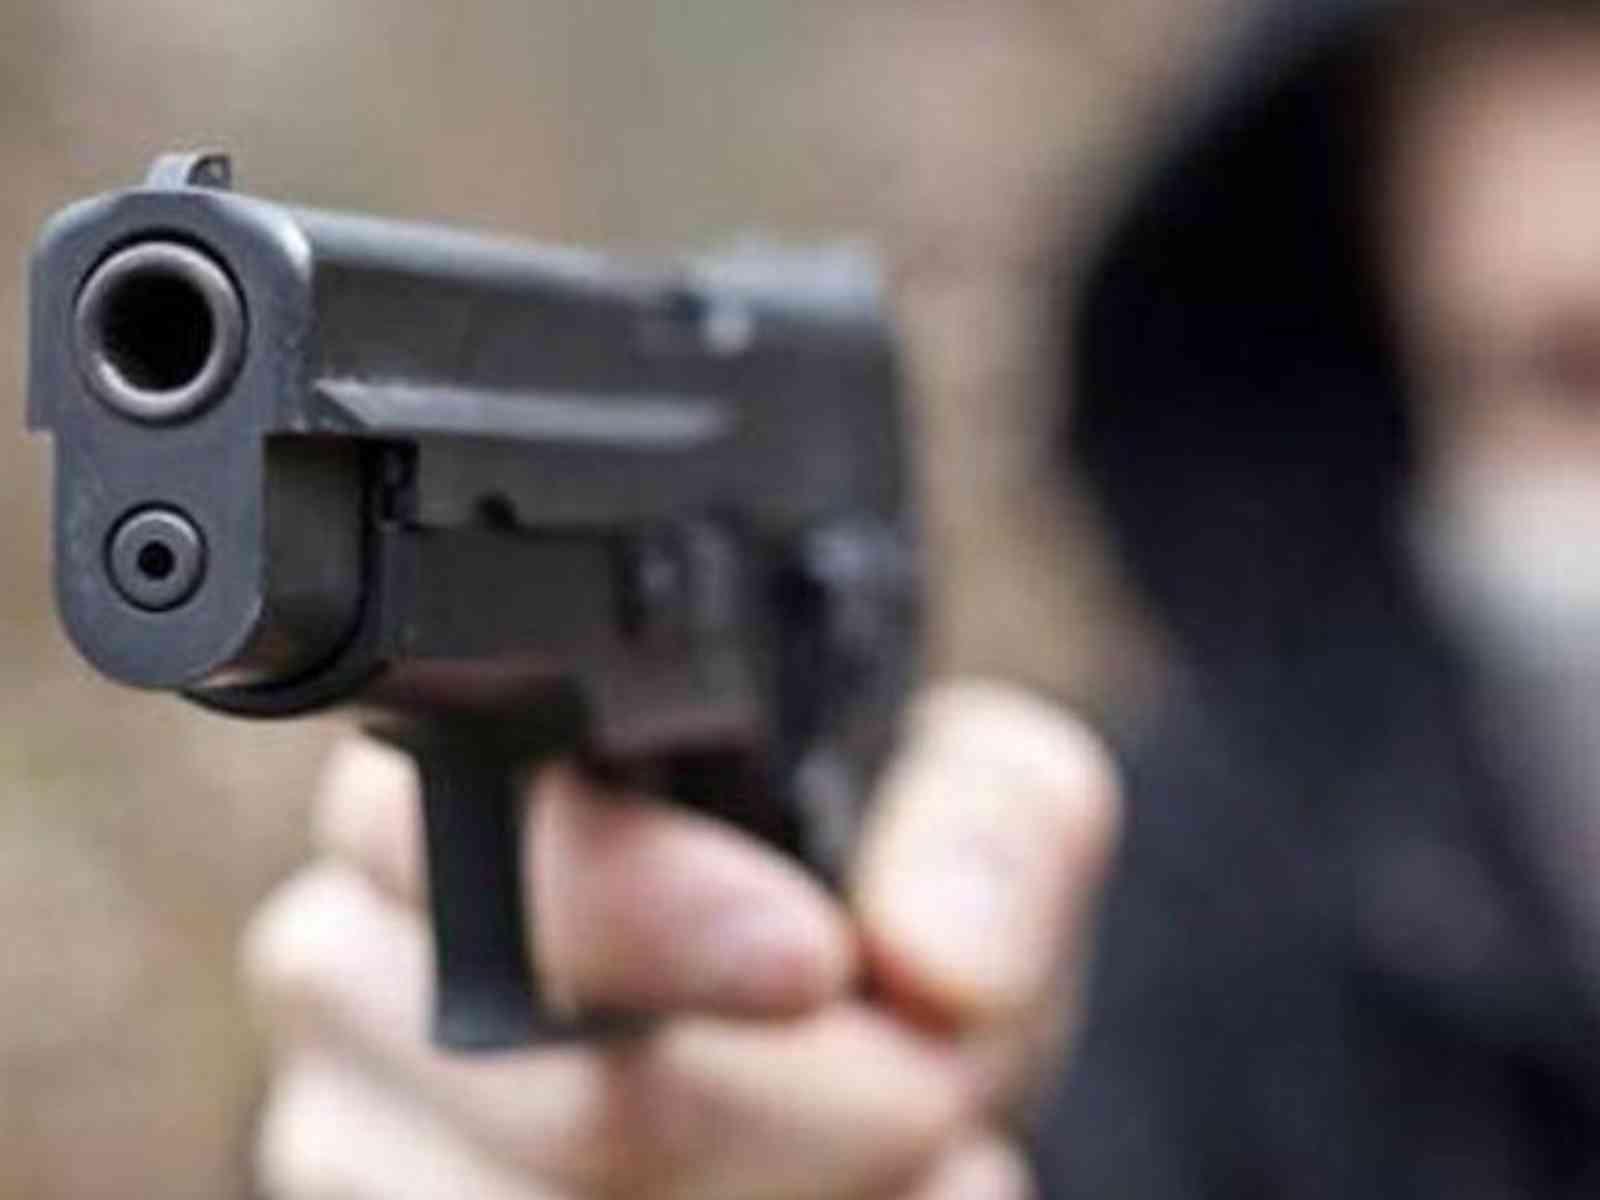 Immagine articolo: Menfi. Con una pistola rapina un'agenzia di assicurazioni